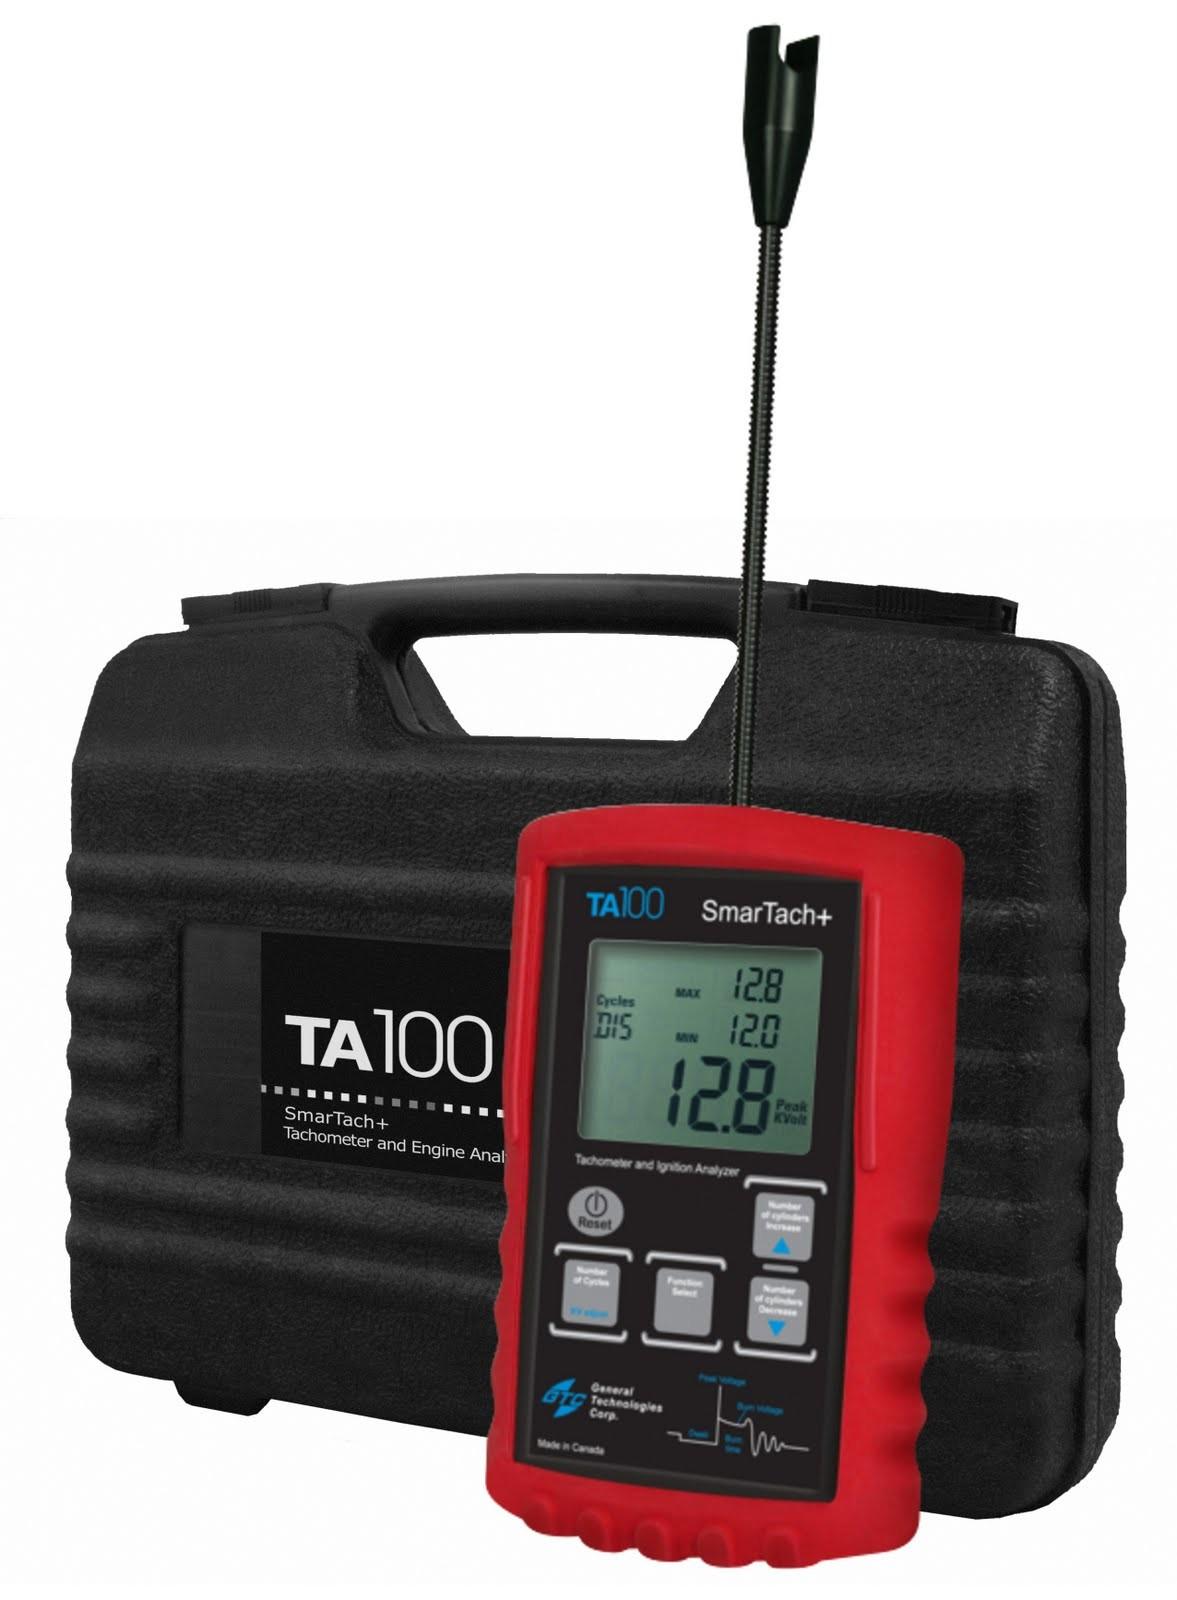 GTC TA100 Smartach+ Wireless Ignition Analyzer and Tachometer